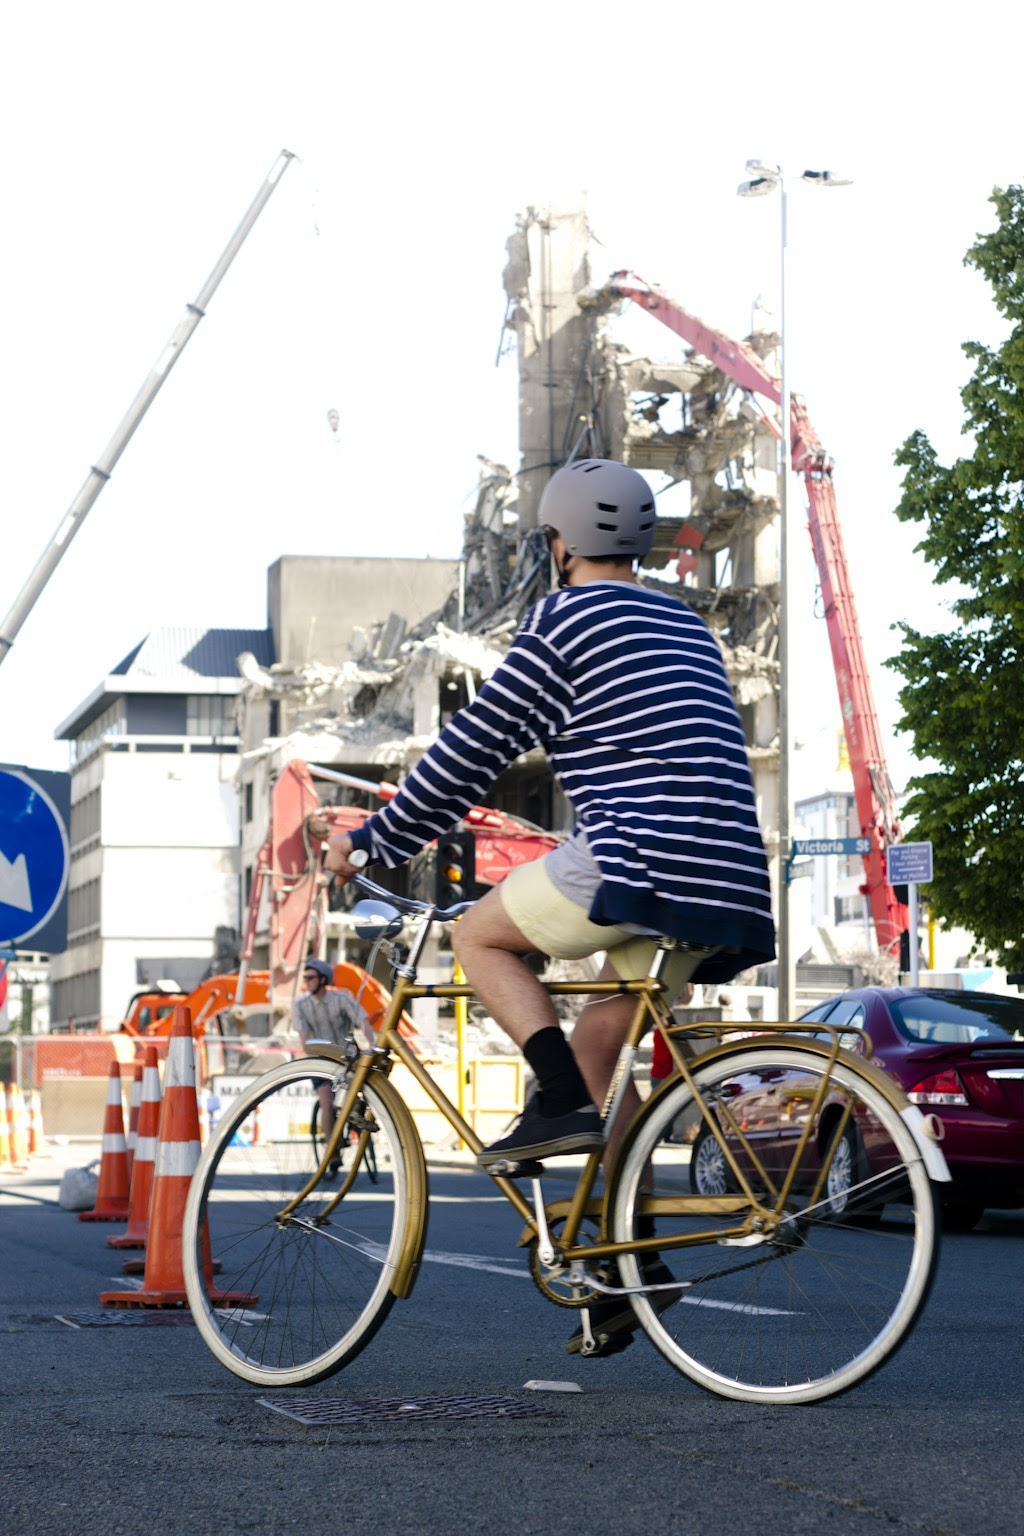 gold bikes and broken cities